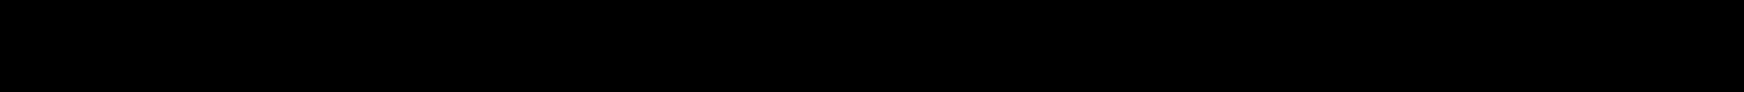 OCRGreek-B.otf